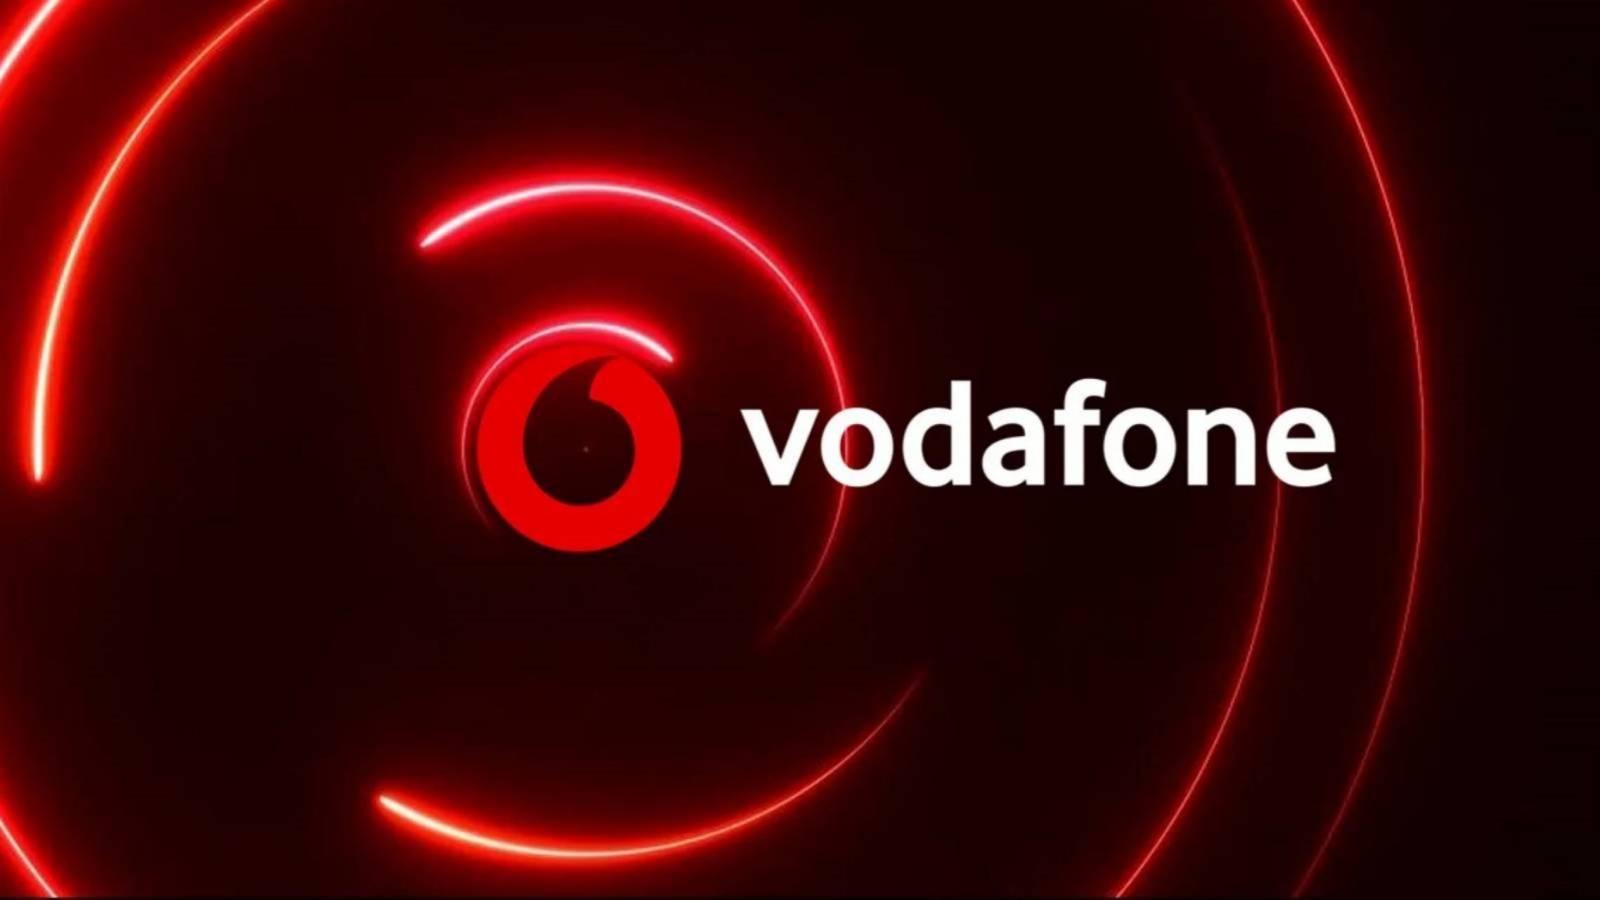 Vodafone revolut